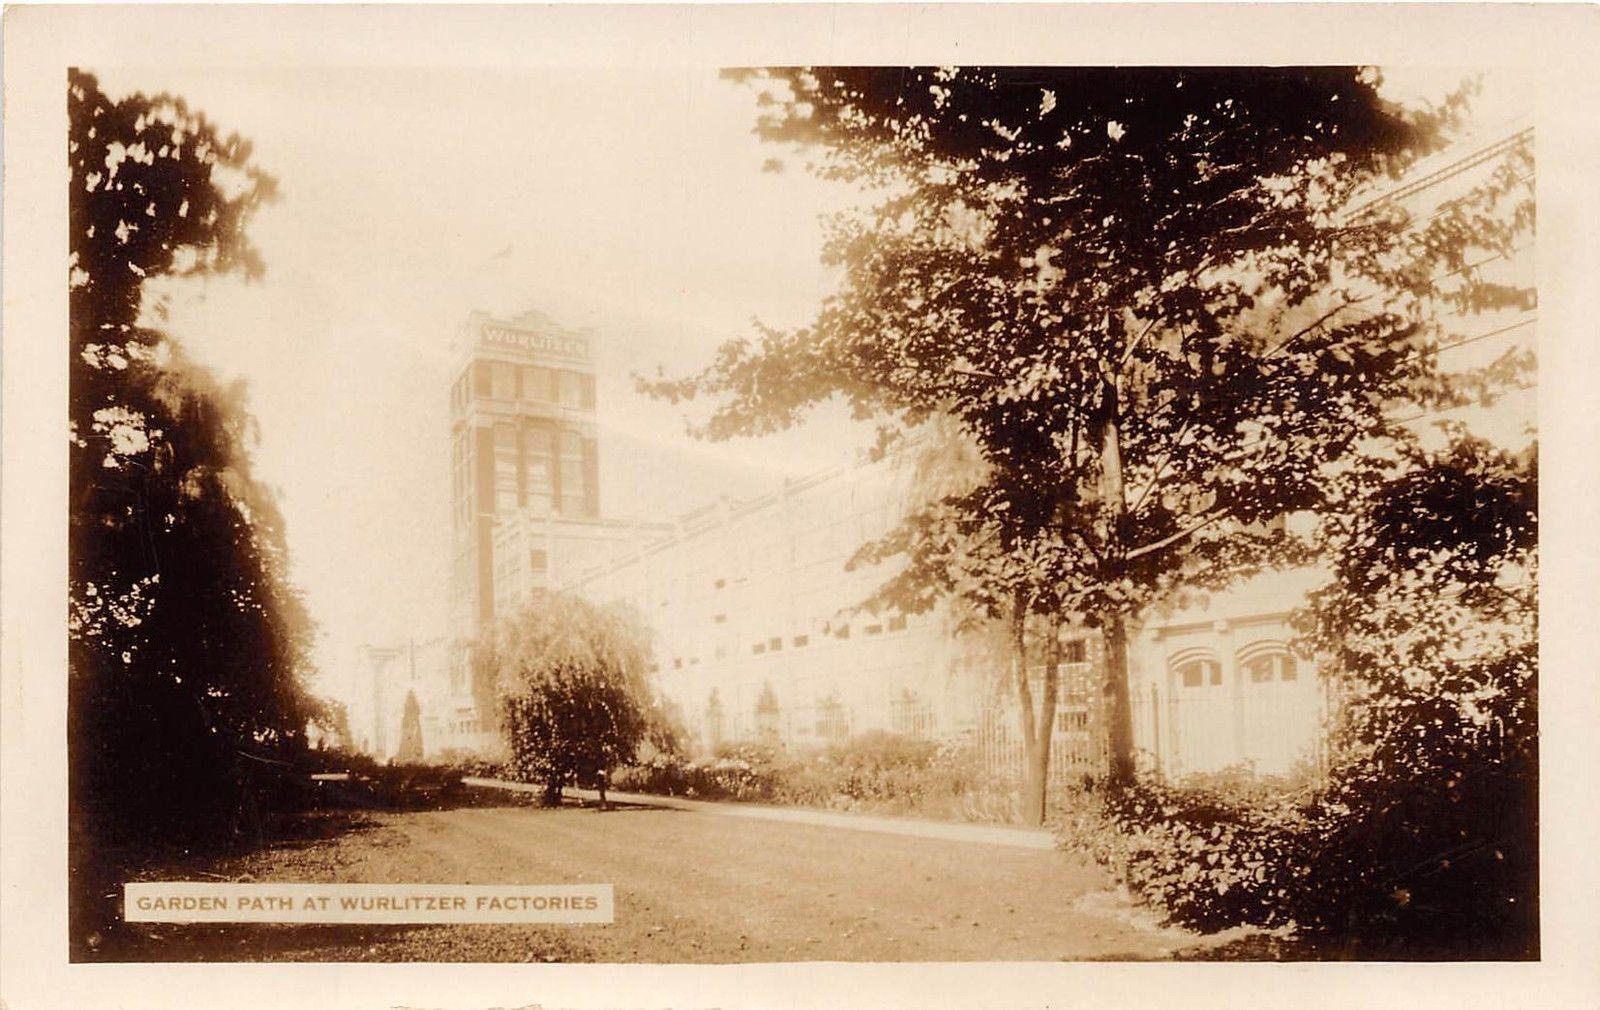 Garden Path at Wurlitzer Factories, postcard (c1925).jpg